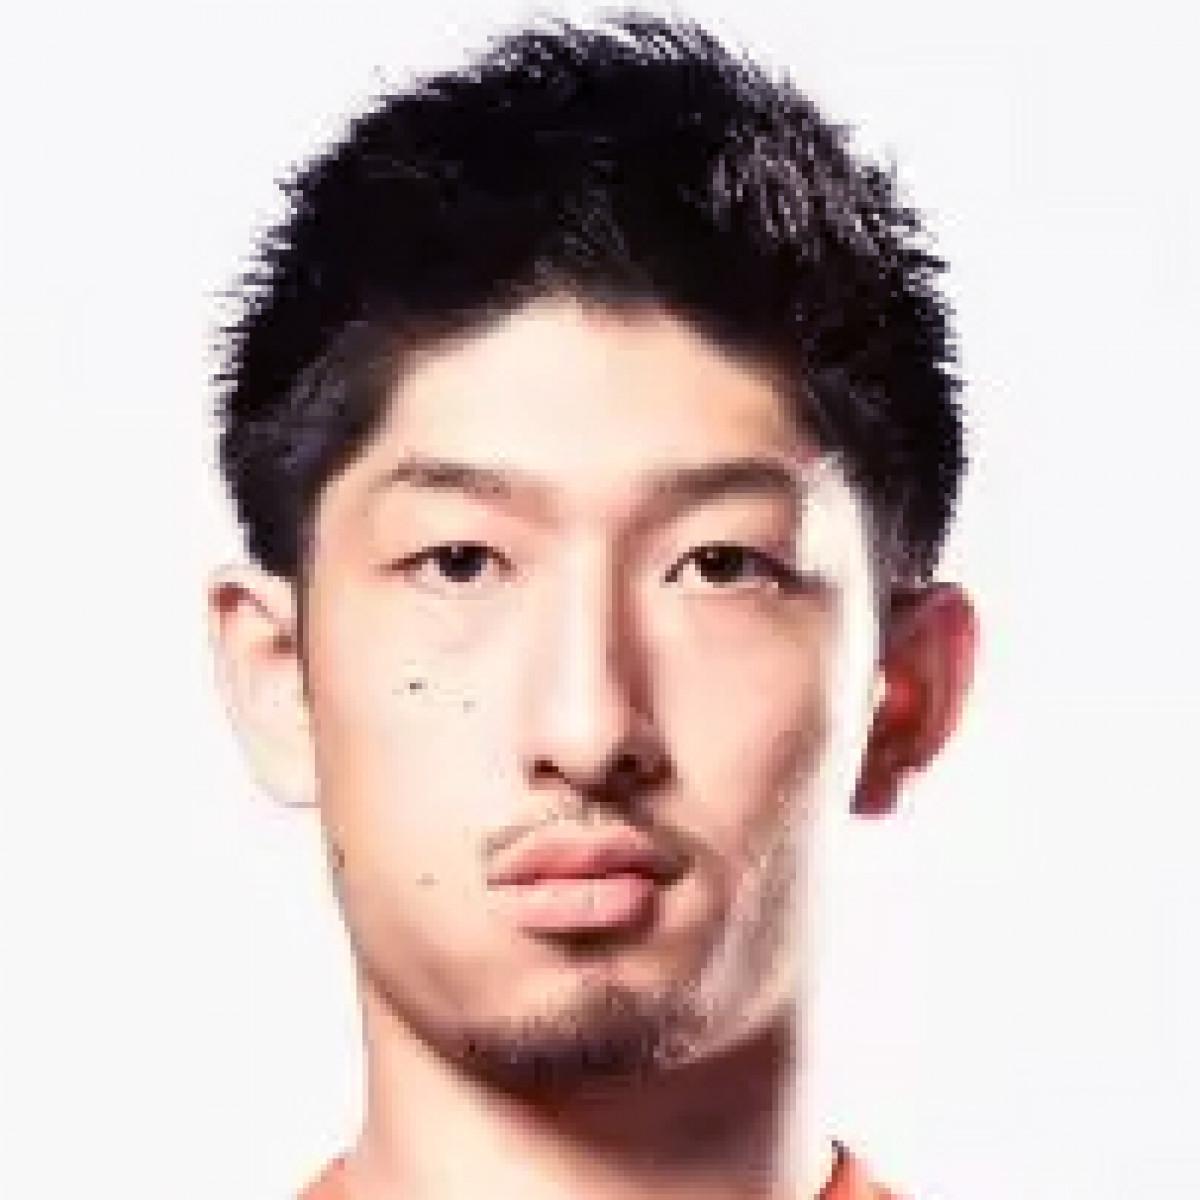 Keita Tsurumaki